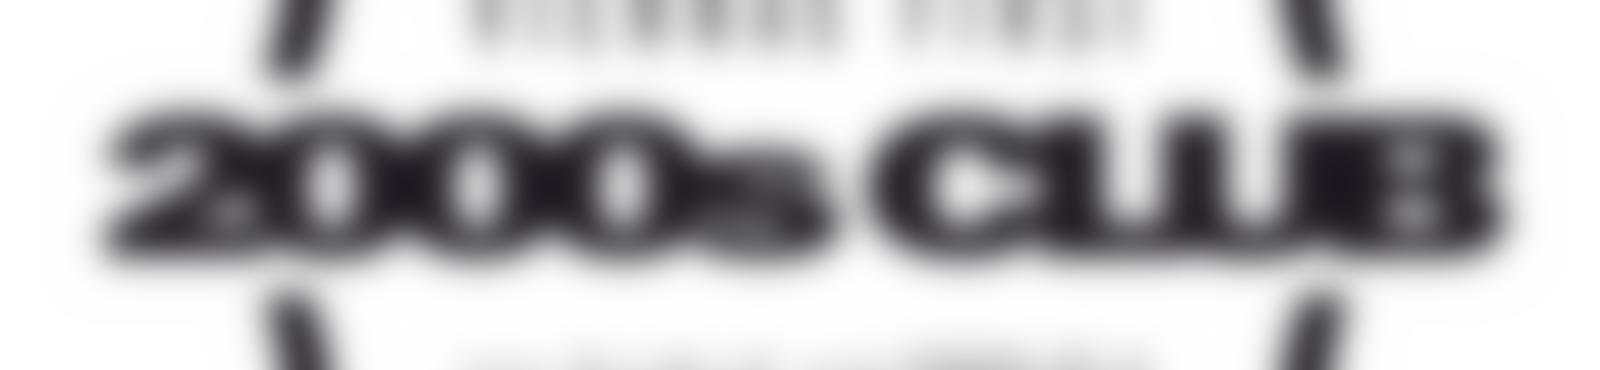 Blurred 33d20335 f590 4e14 9b1d d9ee42dcd04f